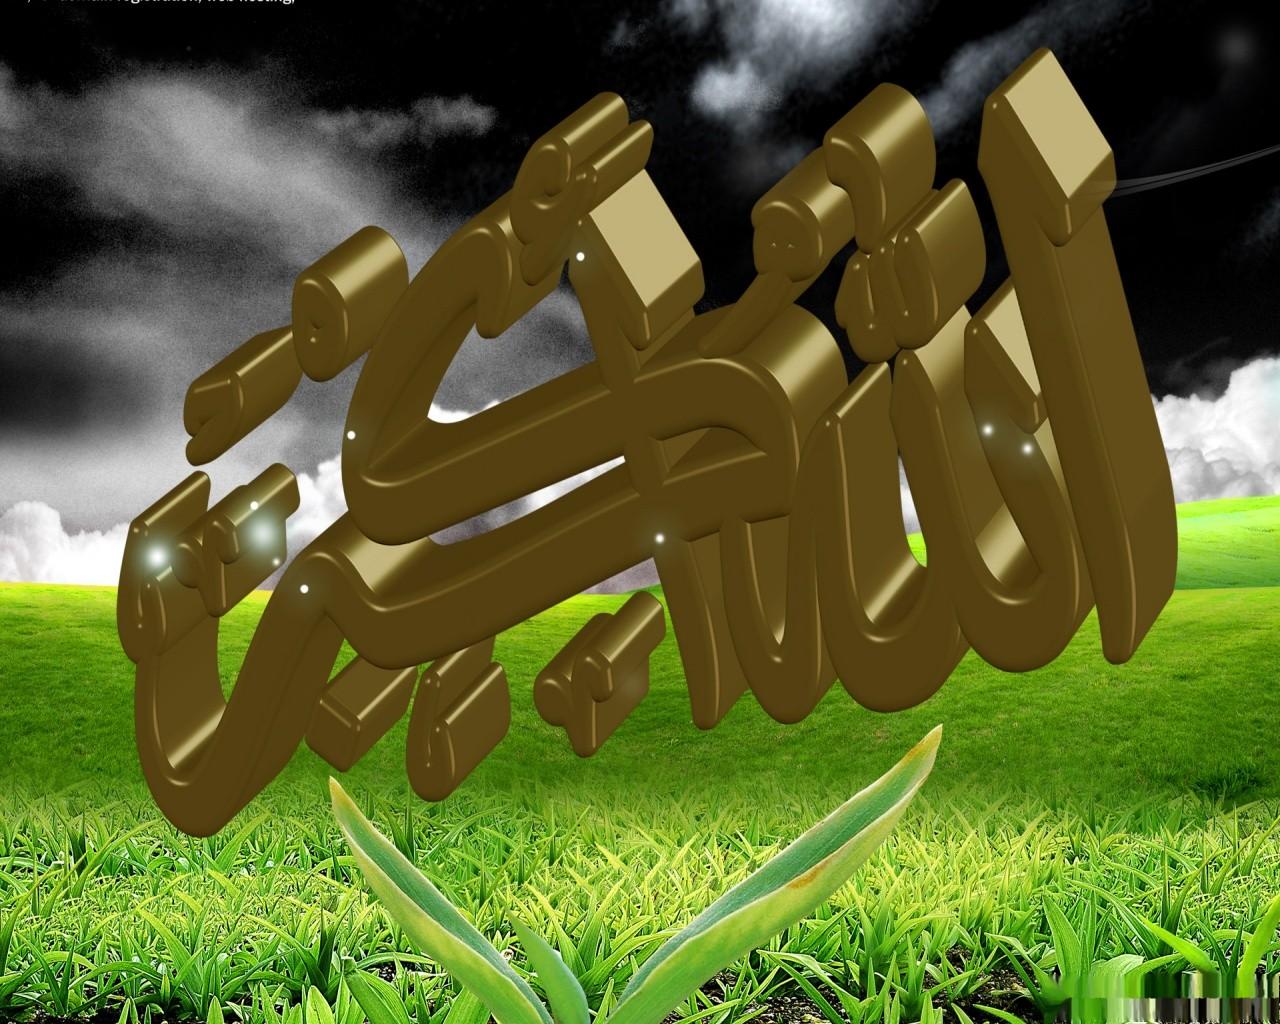 http://2.bp.blogspot.com/--RFt-B7SLN8/UNru2HyEJeI/AAAAAAAAAag/bEBAh2fzs8Y/s1600/new_best_allah_o_akbar_wallpaper-1280x1024.jpg